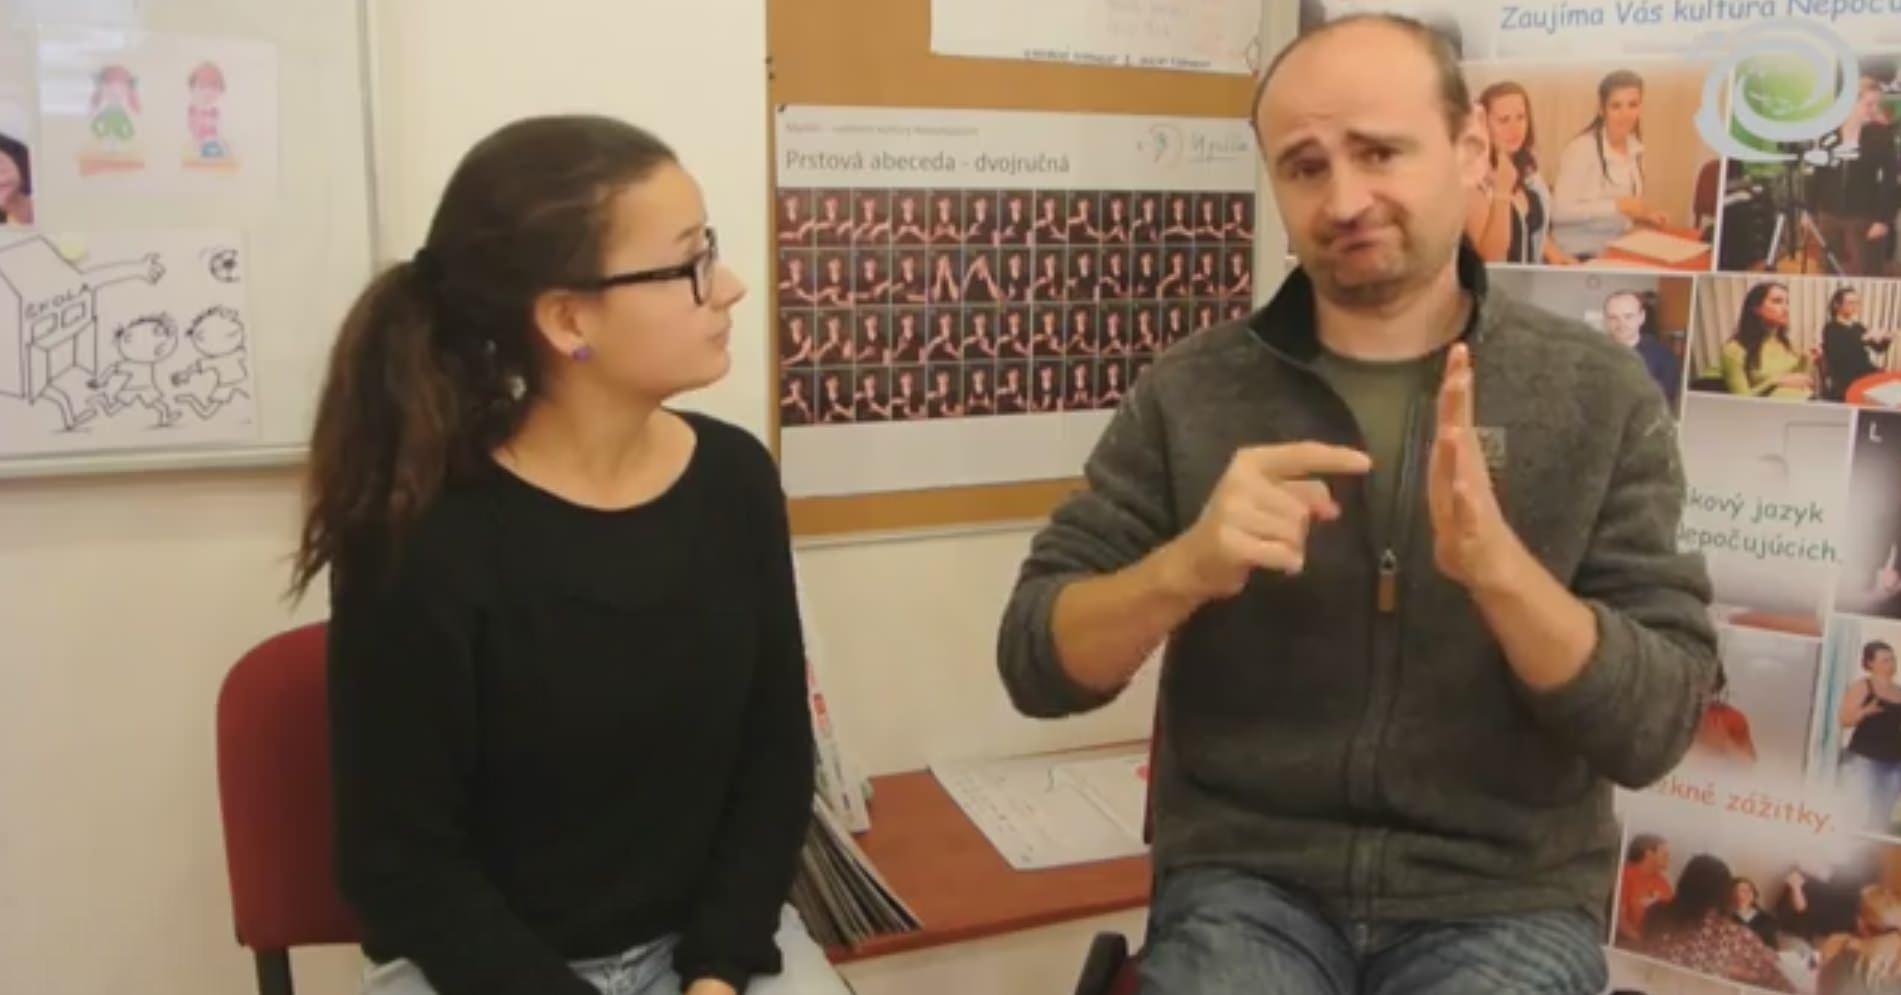 Photo of Jaká je situace na Slovensku se znakovým jazykem, tlumočníky askrytými titulky?